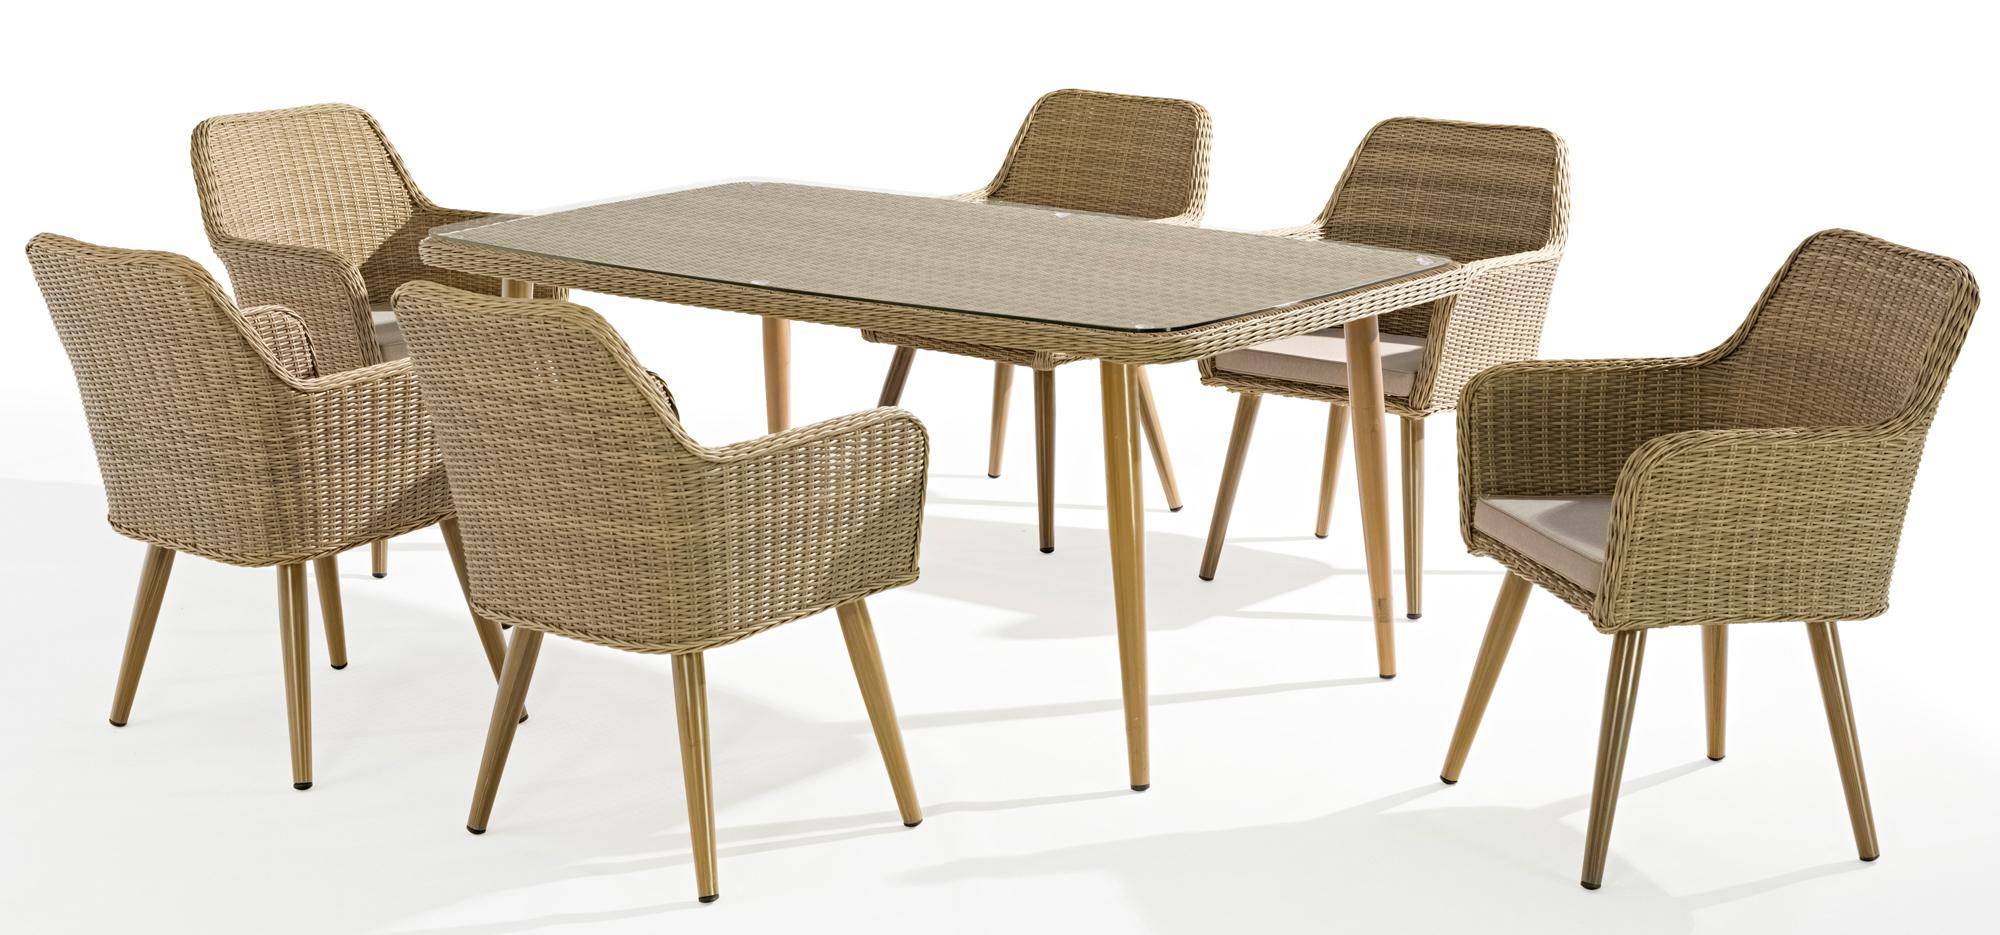 Table De Jardin Cuba 180Cm En Résine Tressée Couleur Sable Et Plateau Verre avec Table De Jardin En Resine Tressée